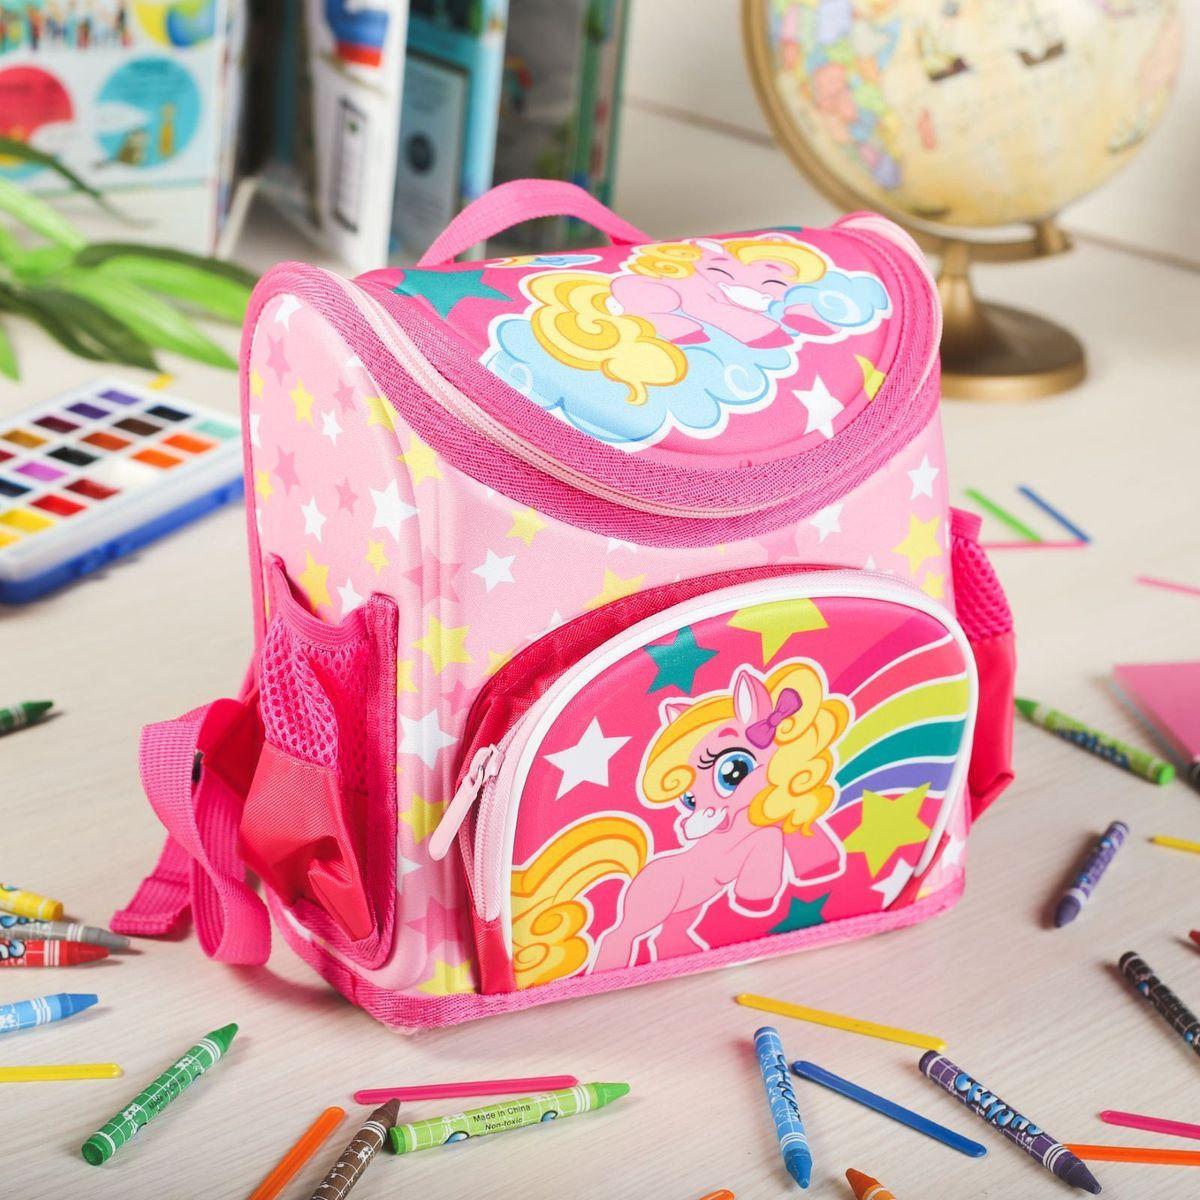 Страна Карнавалия Рюкзак дошкольный Пони цвет розовый730396Маленькие, казалось бы, незначительные элементы зачастую завершают, дополняют образ, подчёркивают статус, стиль и вкус своего обладателя. Рюкзак дошкольный каркасный Пони, — одна из подобных деталей. Это вещь достойного качества, которая может стать прекрасным подарком по любому поводу.